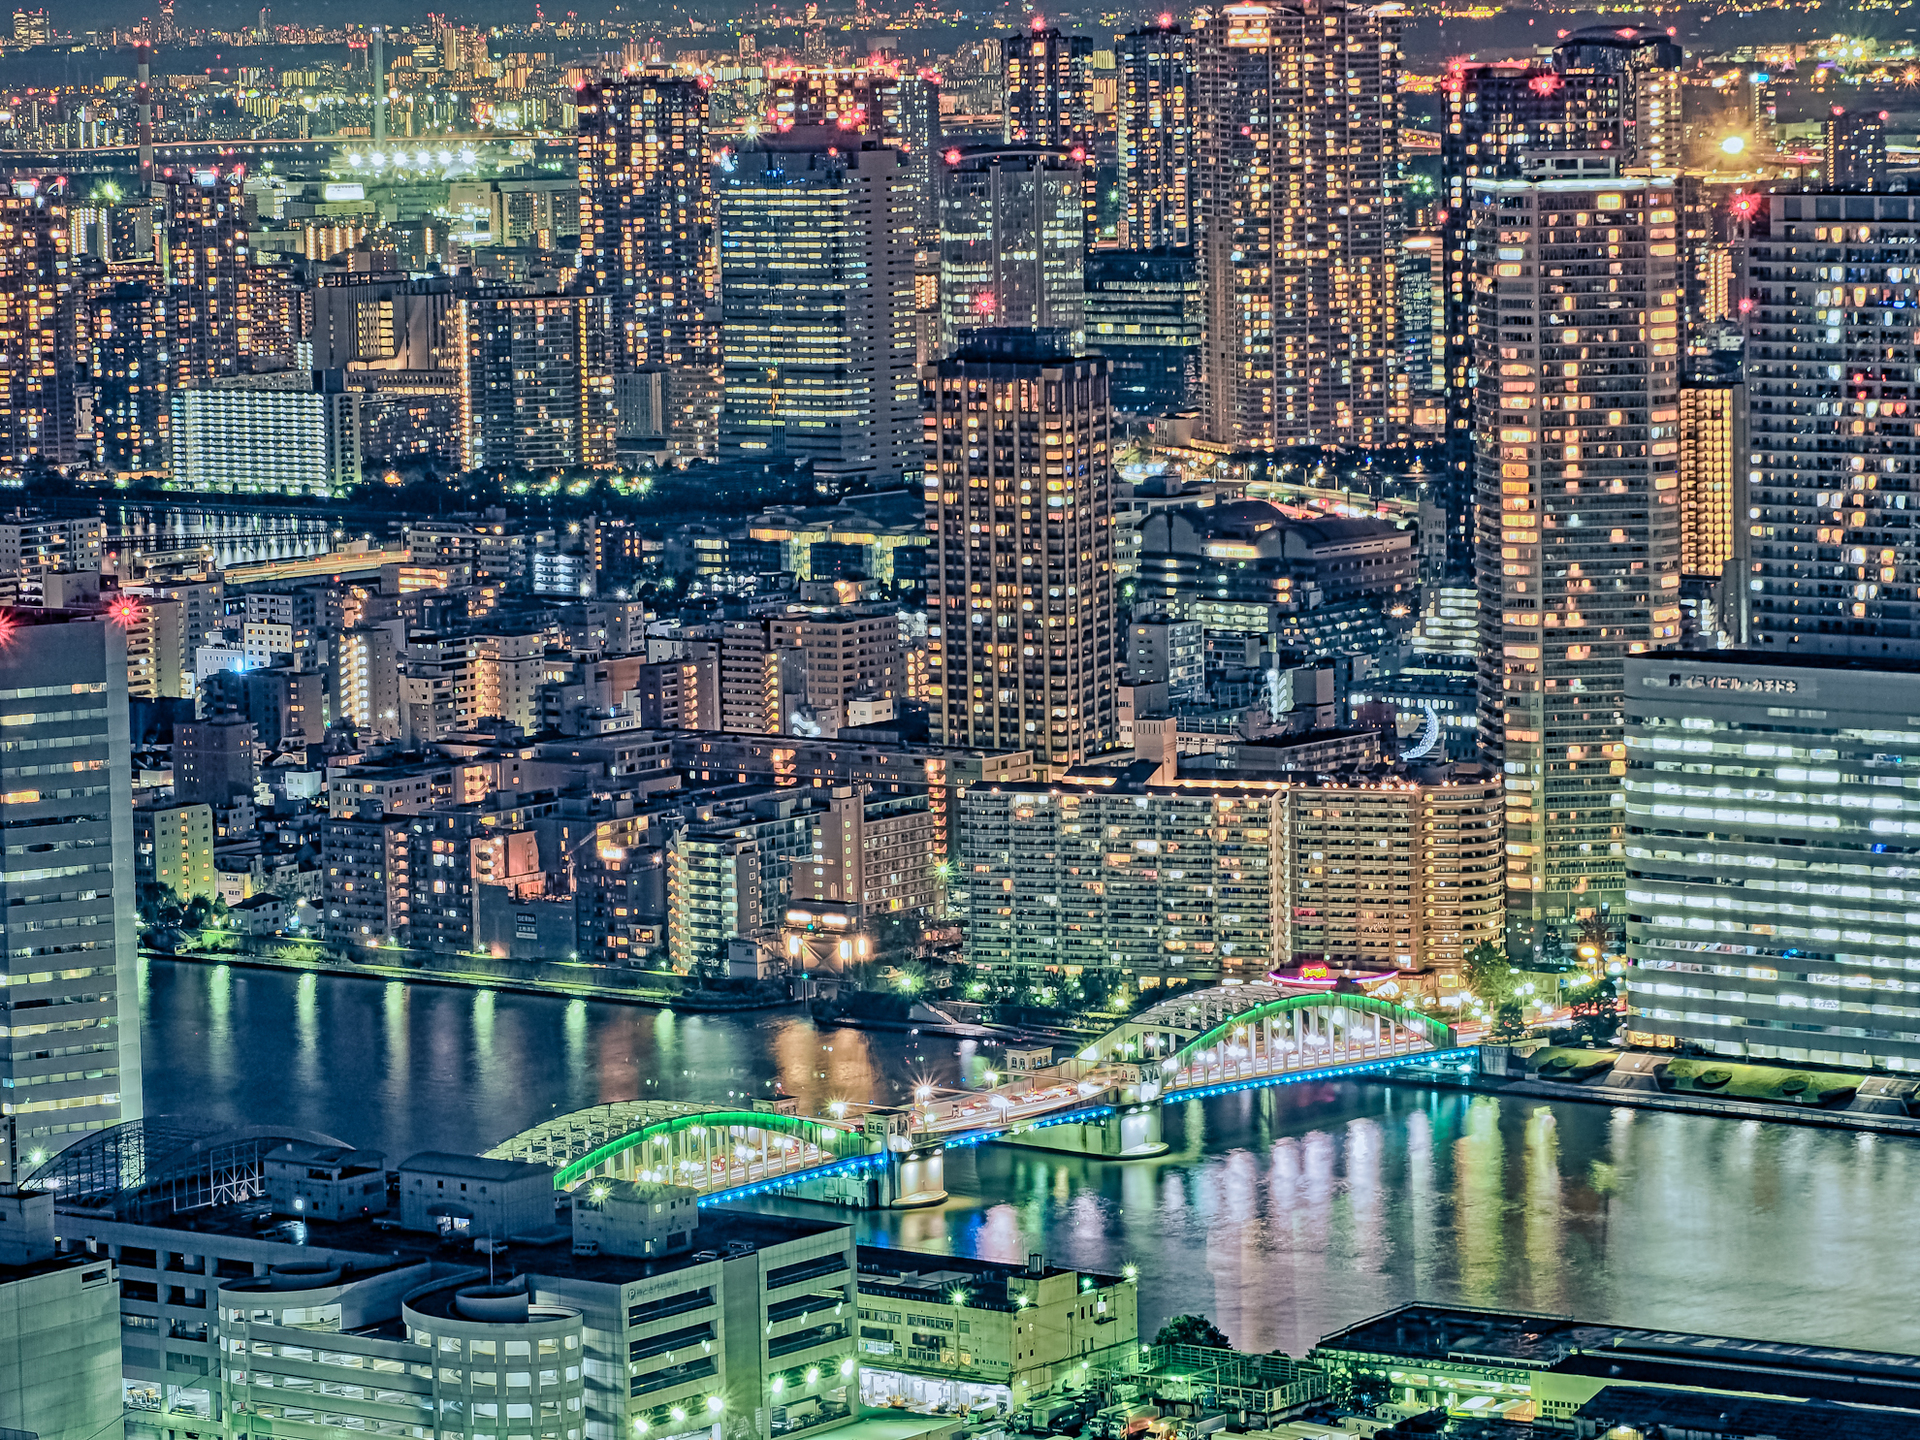 勝鬨橋俯瞰夜景【HDRi】